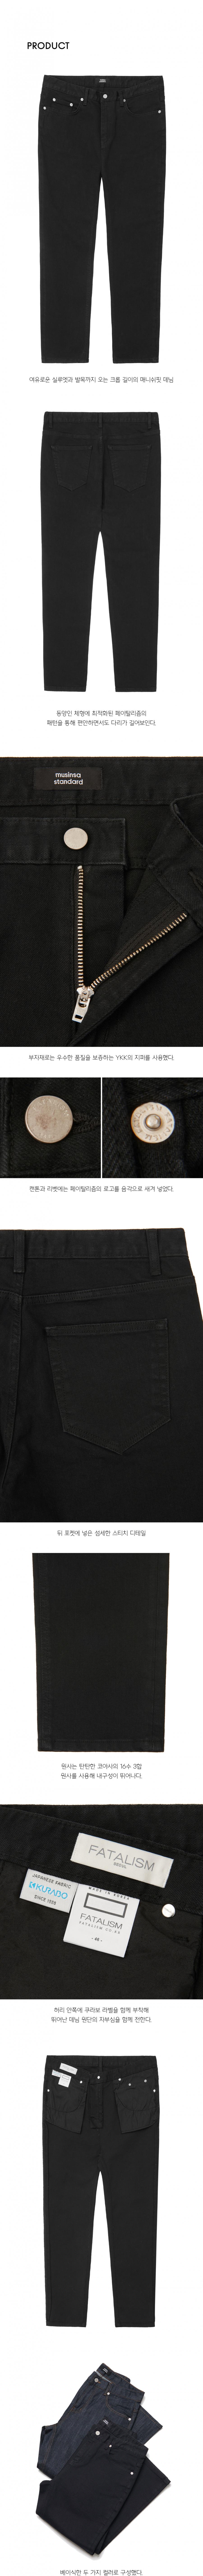 페이탈리즘(FATALISM) [무신사 스탠다드] 매니쉬핏 데님진 (블랙) MUS-3